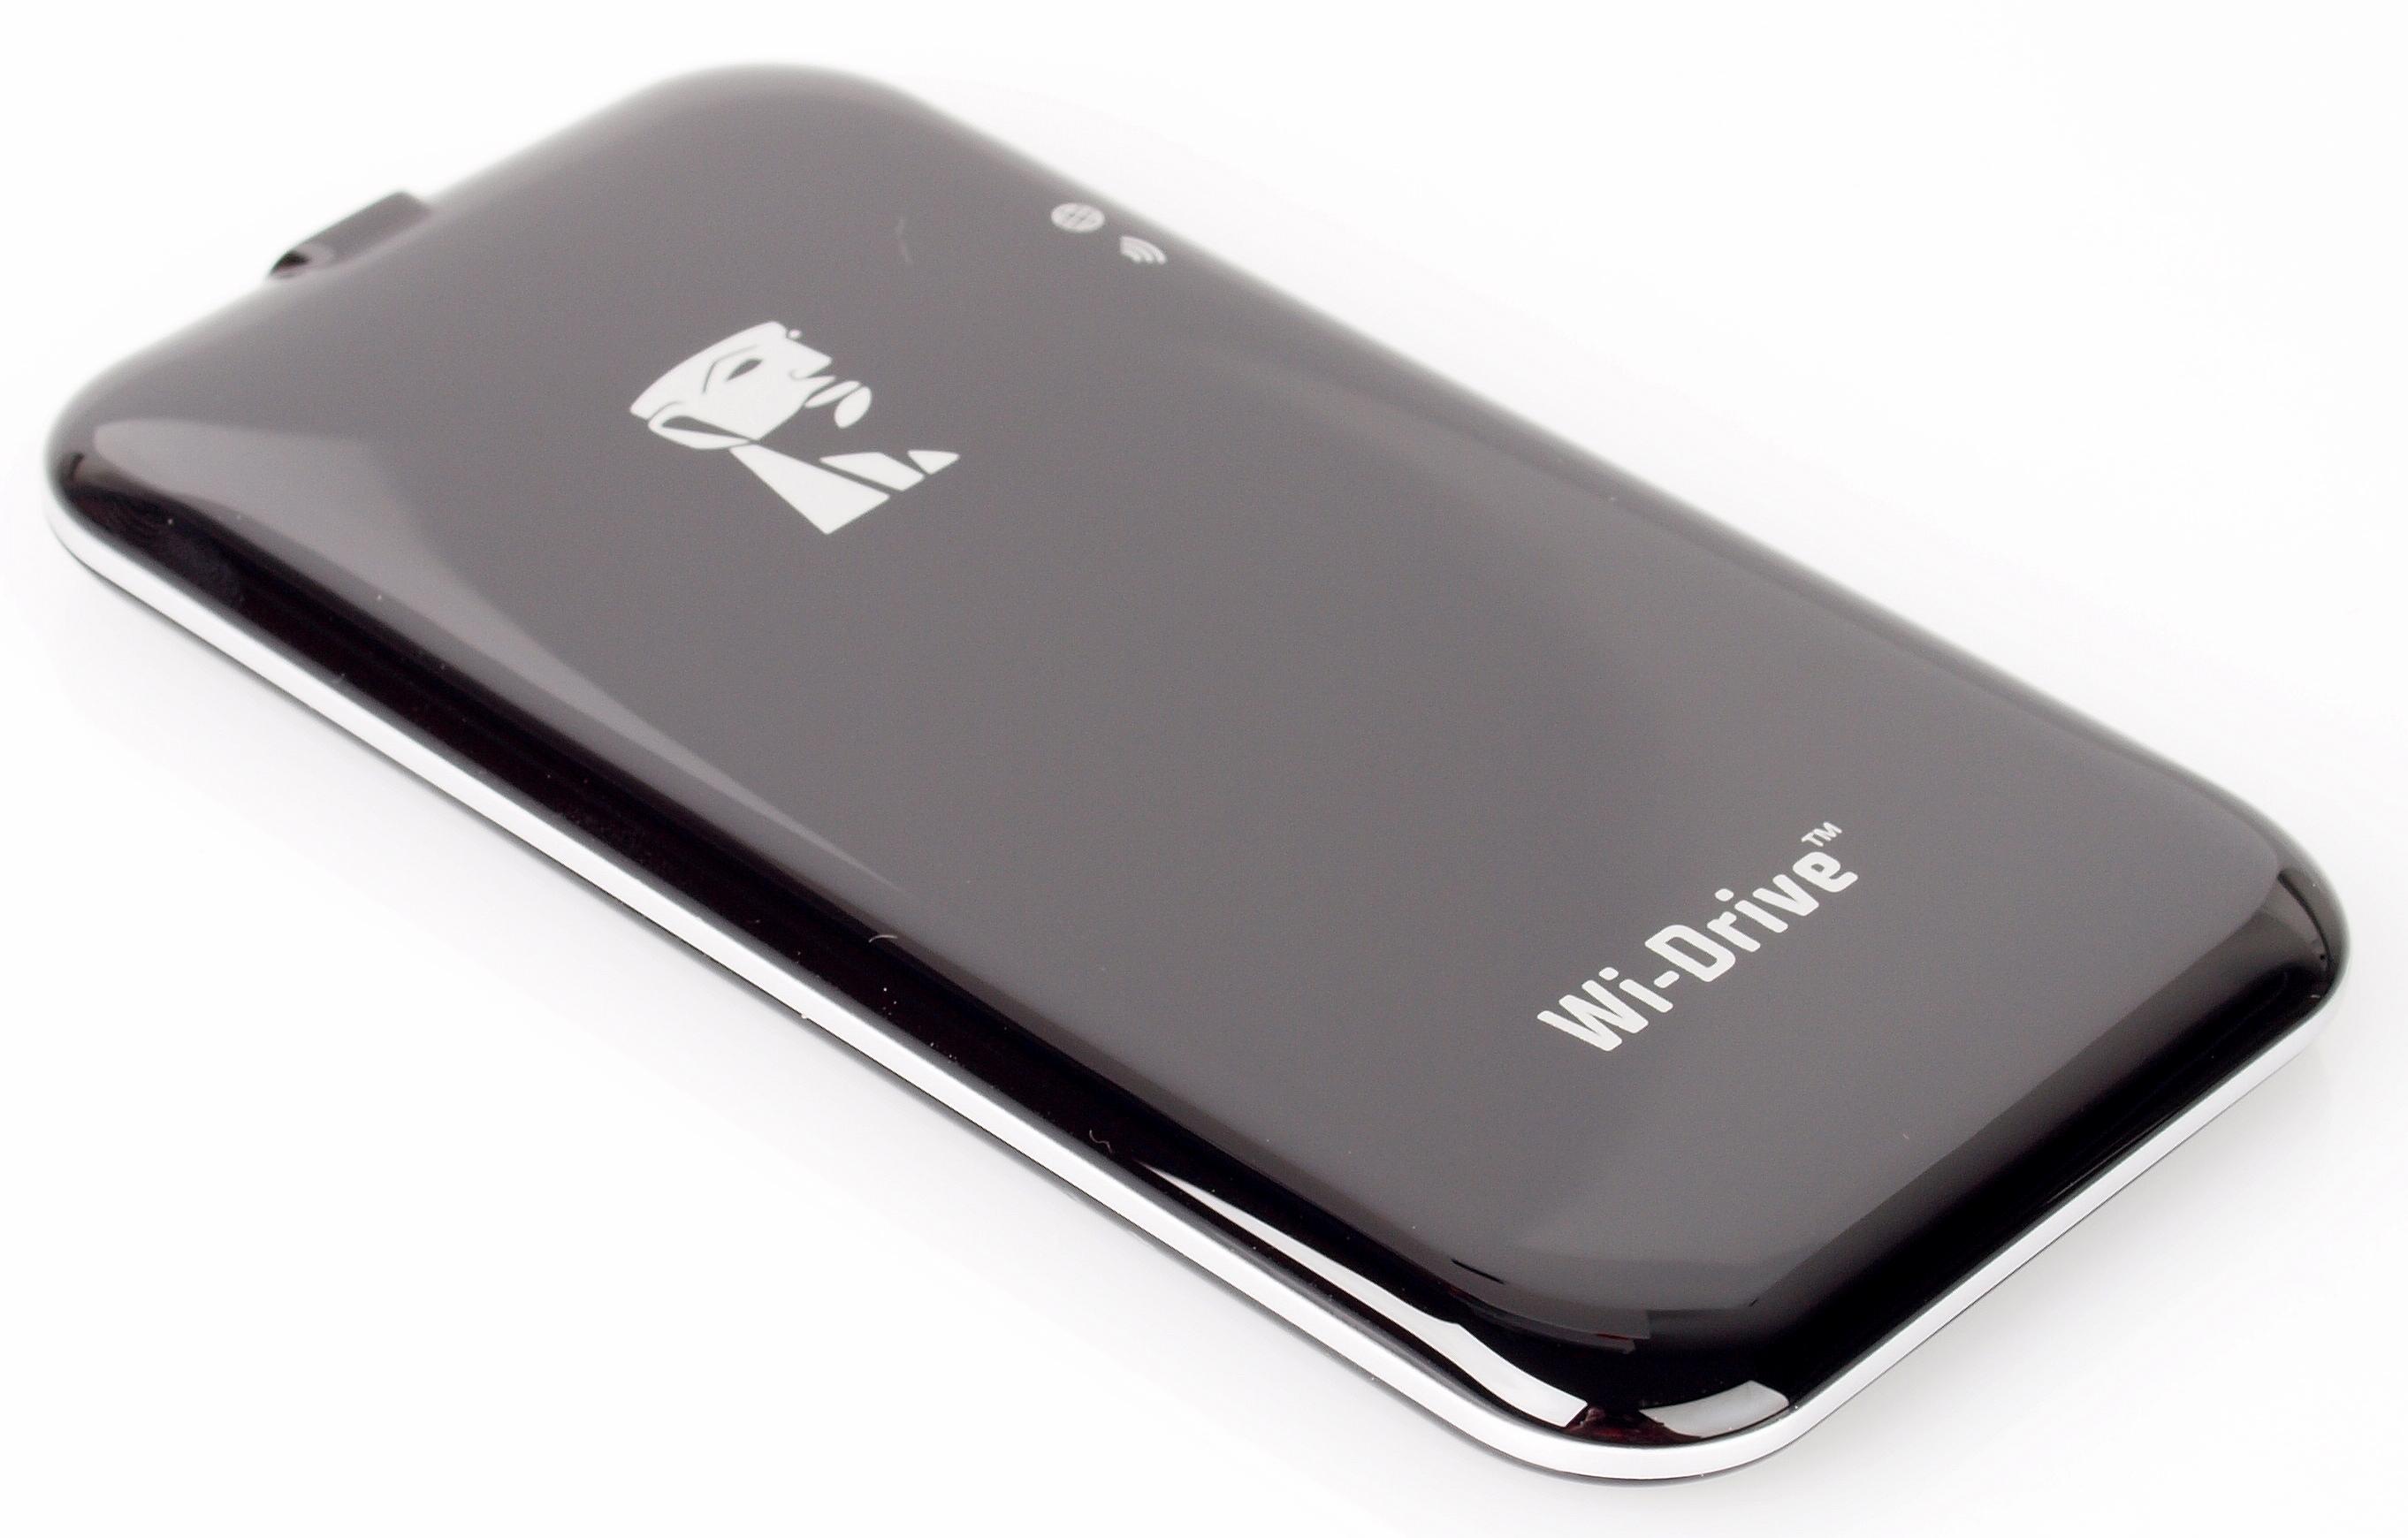 Kingston 16gb Wi Drive Portable Wireless Storage Review